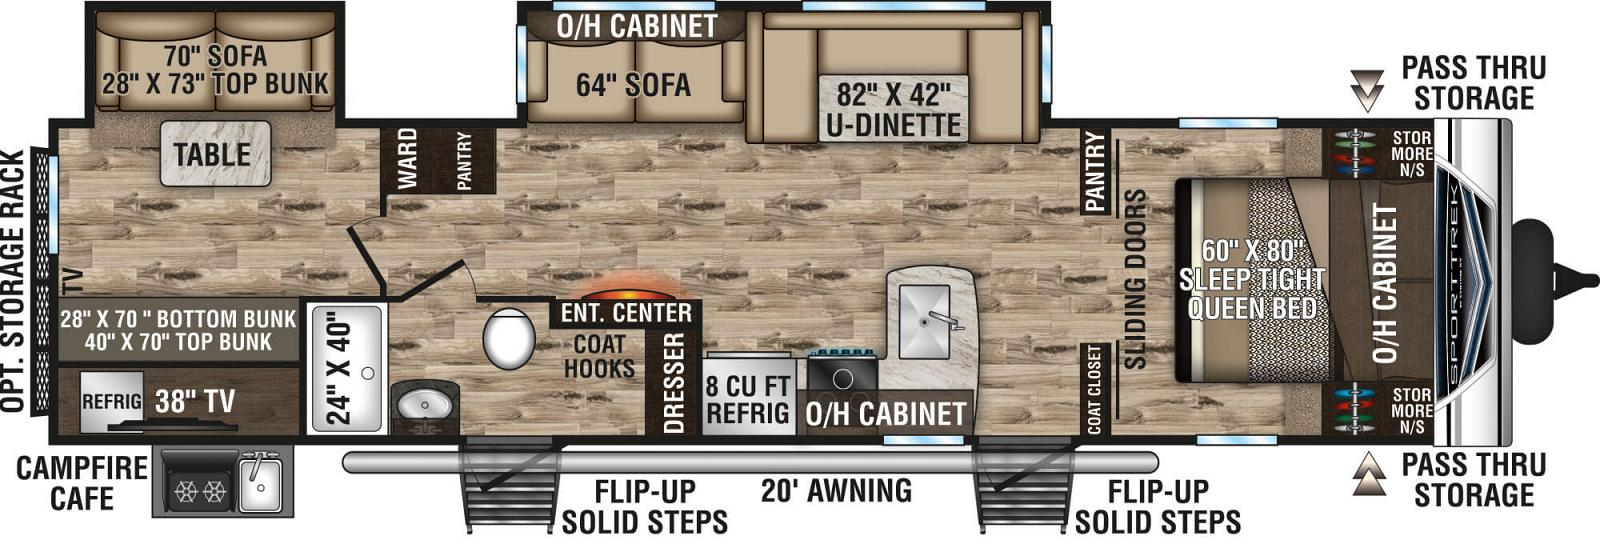 2020 VENTURE SPORTTREK 332VBH (bunks) Floorplan